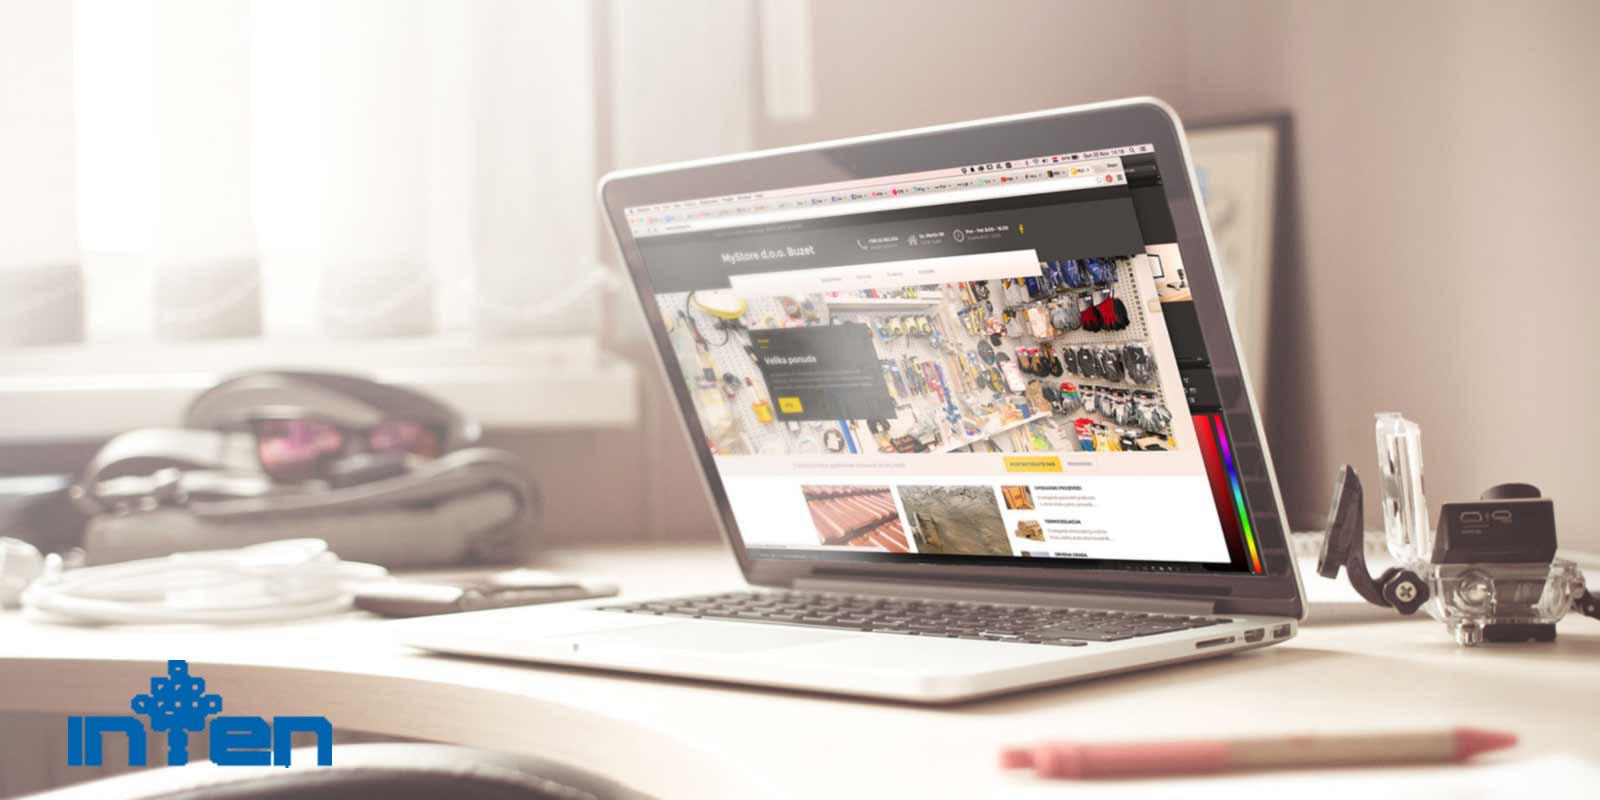 طراحی سایت-مهارت ها و ویژگی های طراح حرفه ای وب سایت